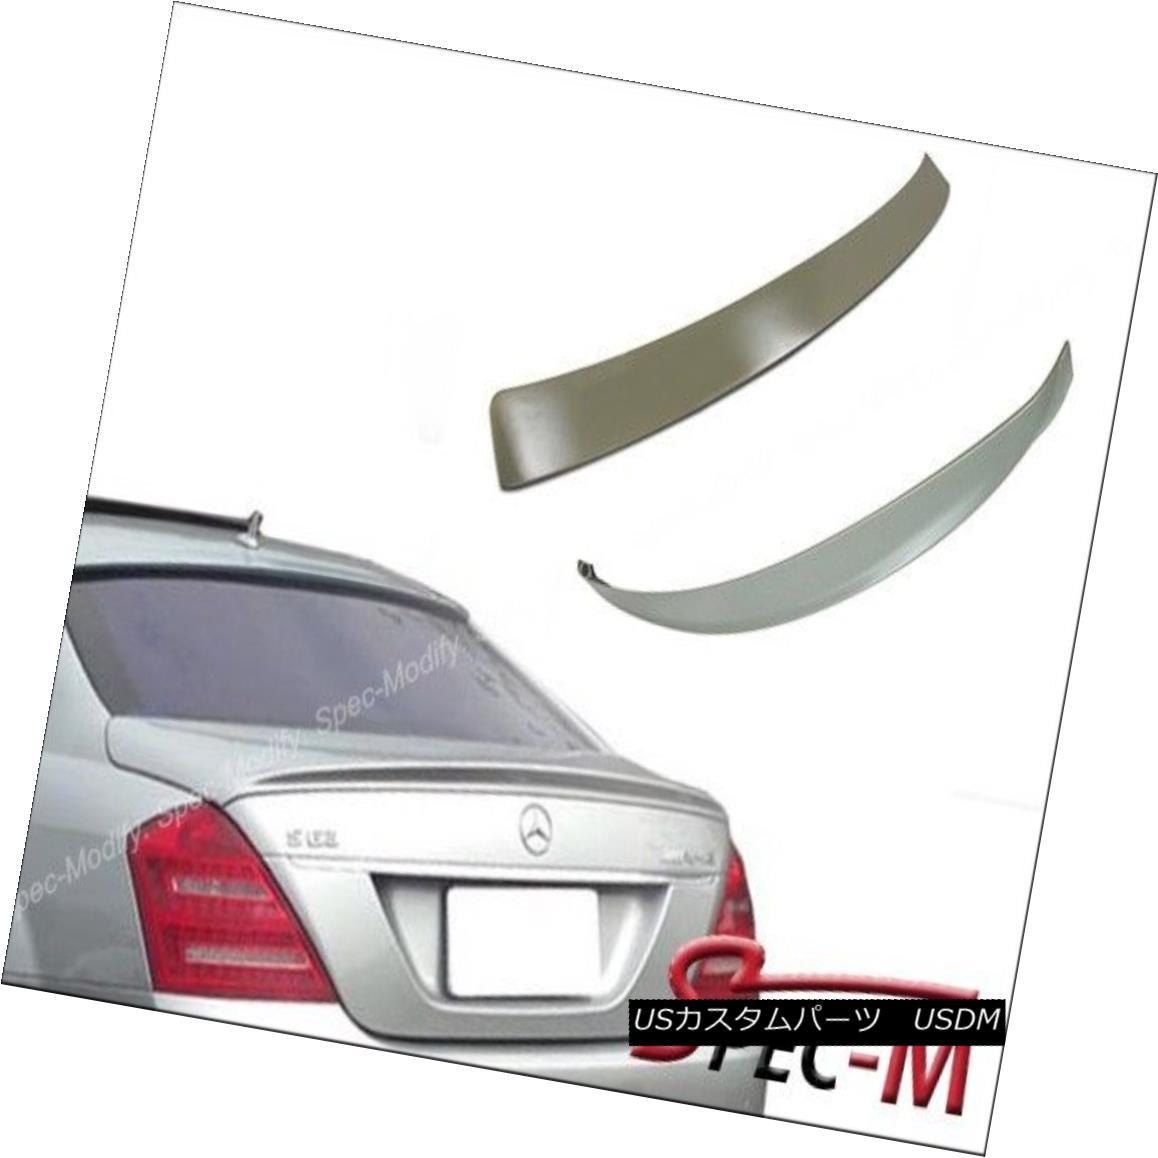 エアロパーツ AMG Trunk Spoiler Roof Lip Fit W221 S400 S430 S500 S550 S63 07-13 Iridium Silver AMGトランク・スポイラールーフ・リップ・フィットW221 S400 S430 S500 S550 S63 07-13イリジウム・シルバー